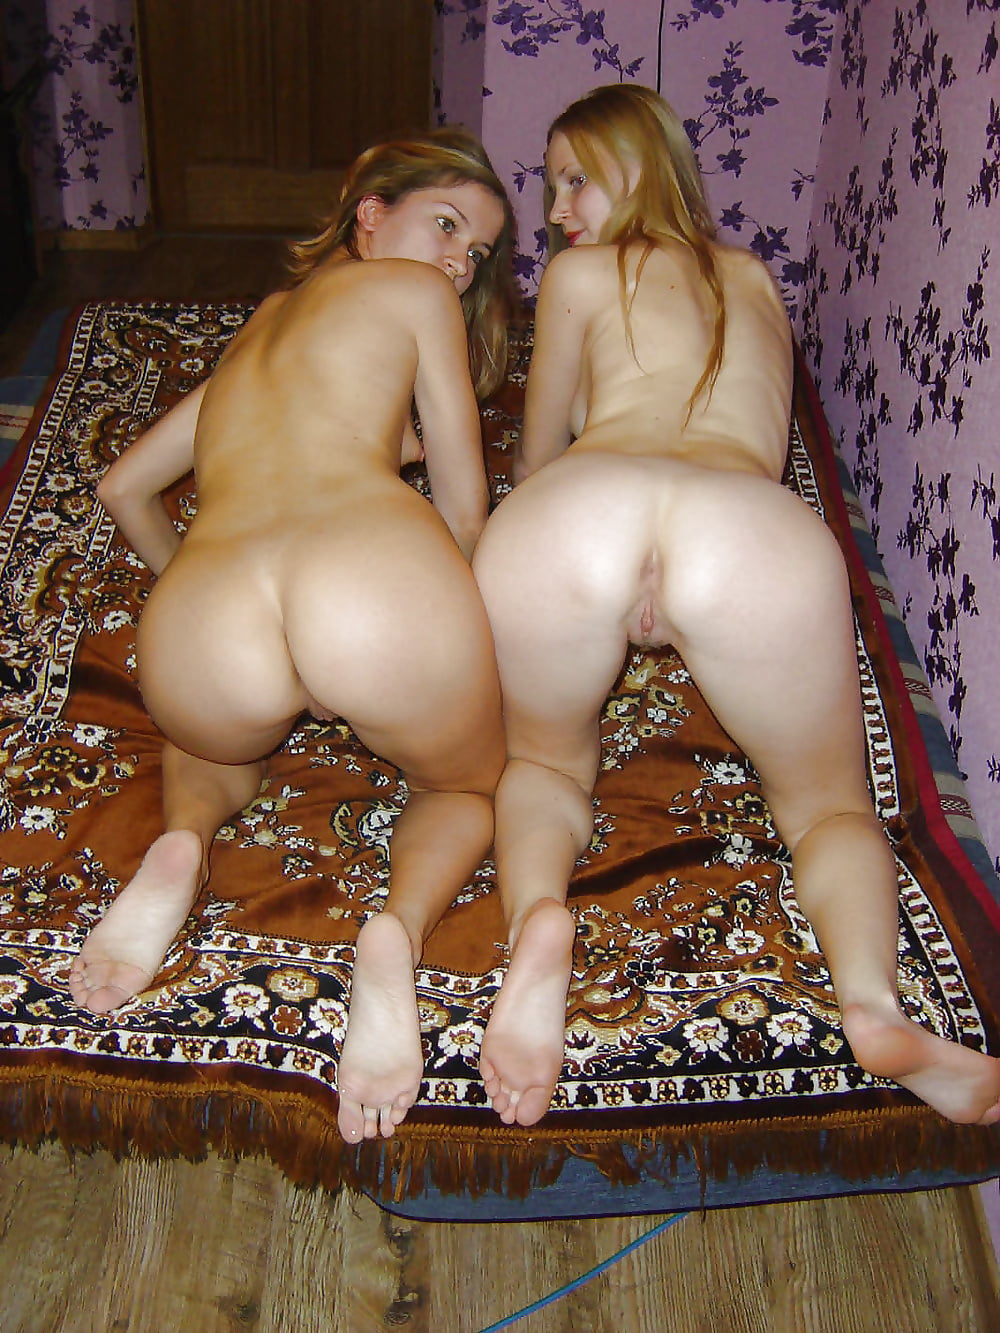 creamy female cum porn